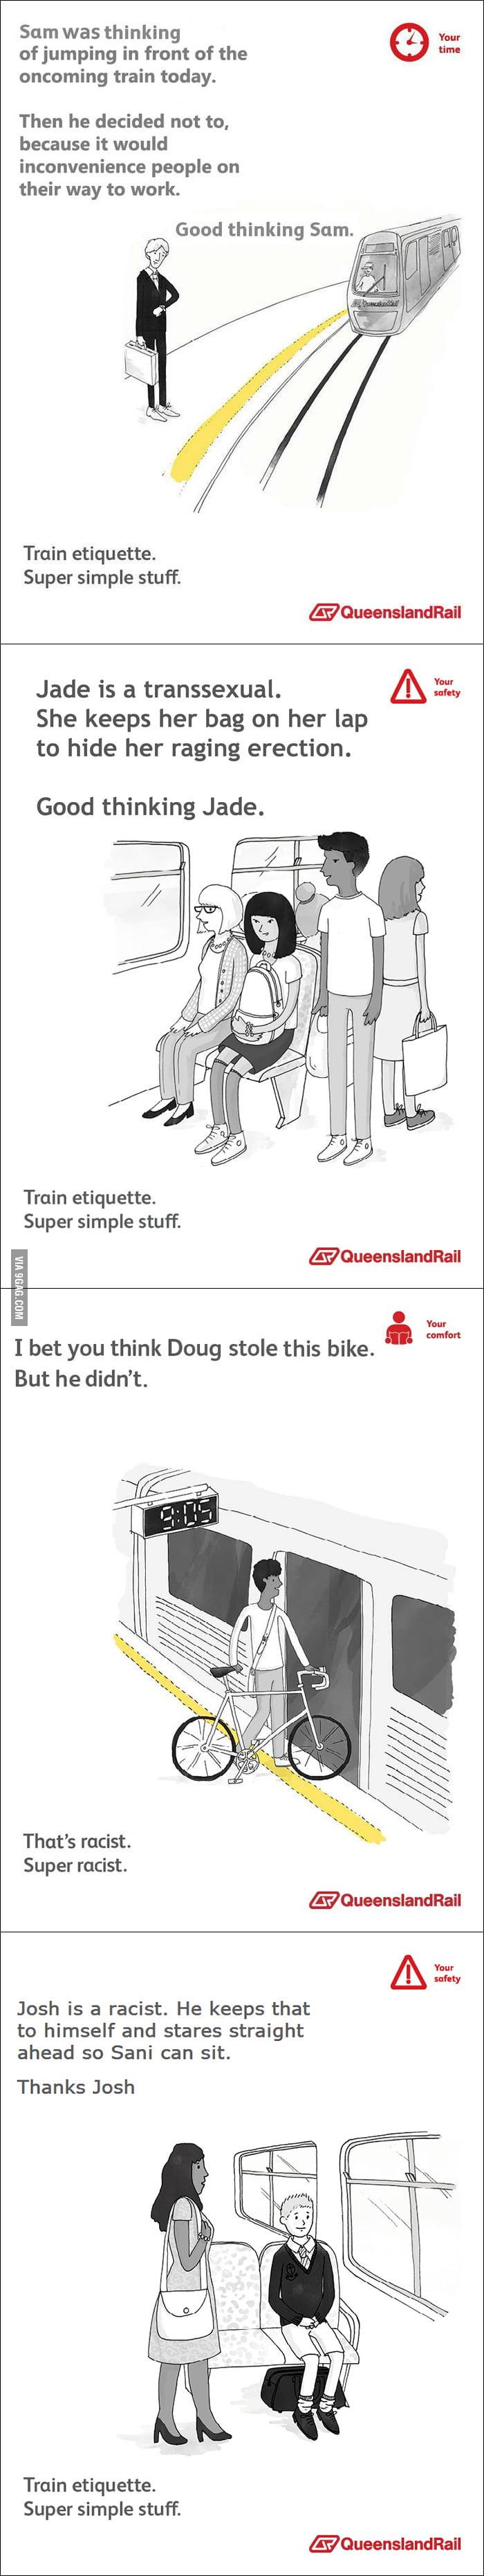 Train etiquette - Sam, Jade, Doug and Josh